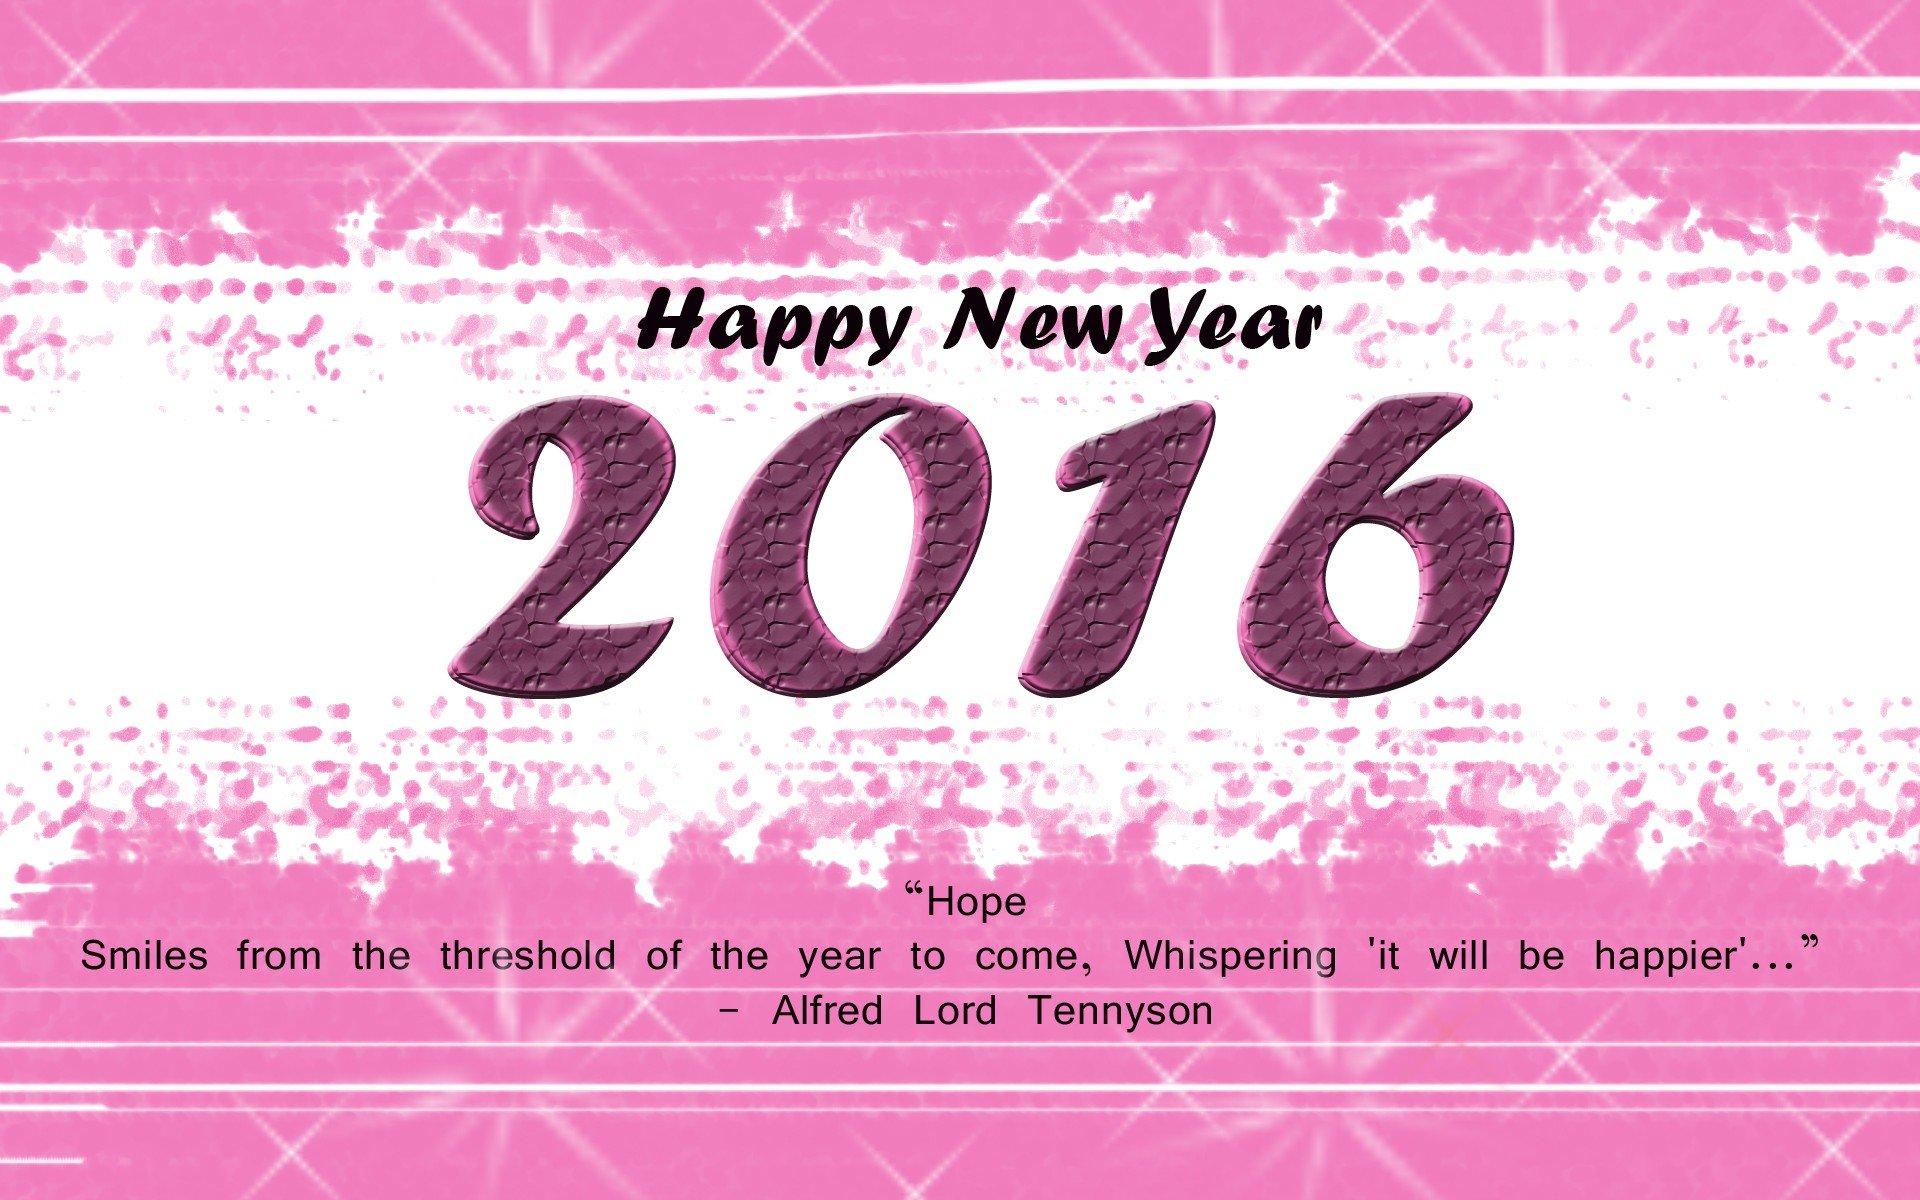 happy new year desktop wallpaper - wallpapersafari